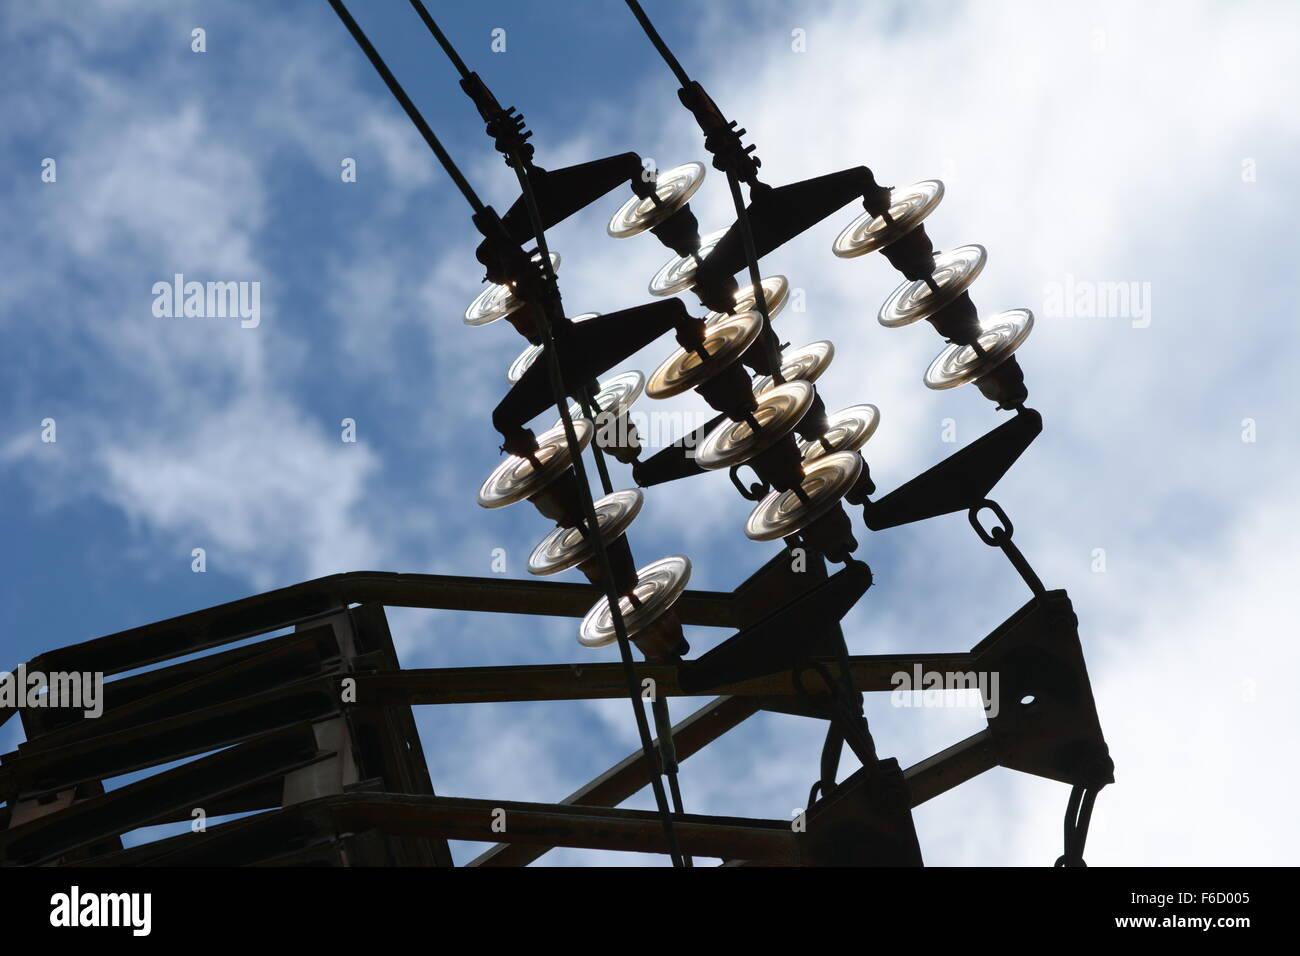 Cavo ad alta tensione connettori e gli isolatori di vetro contro il cielo blu con nuvole Immagini Stock